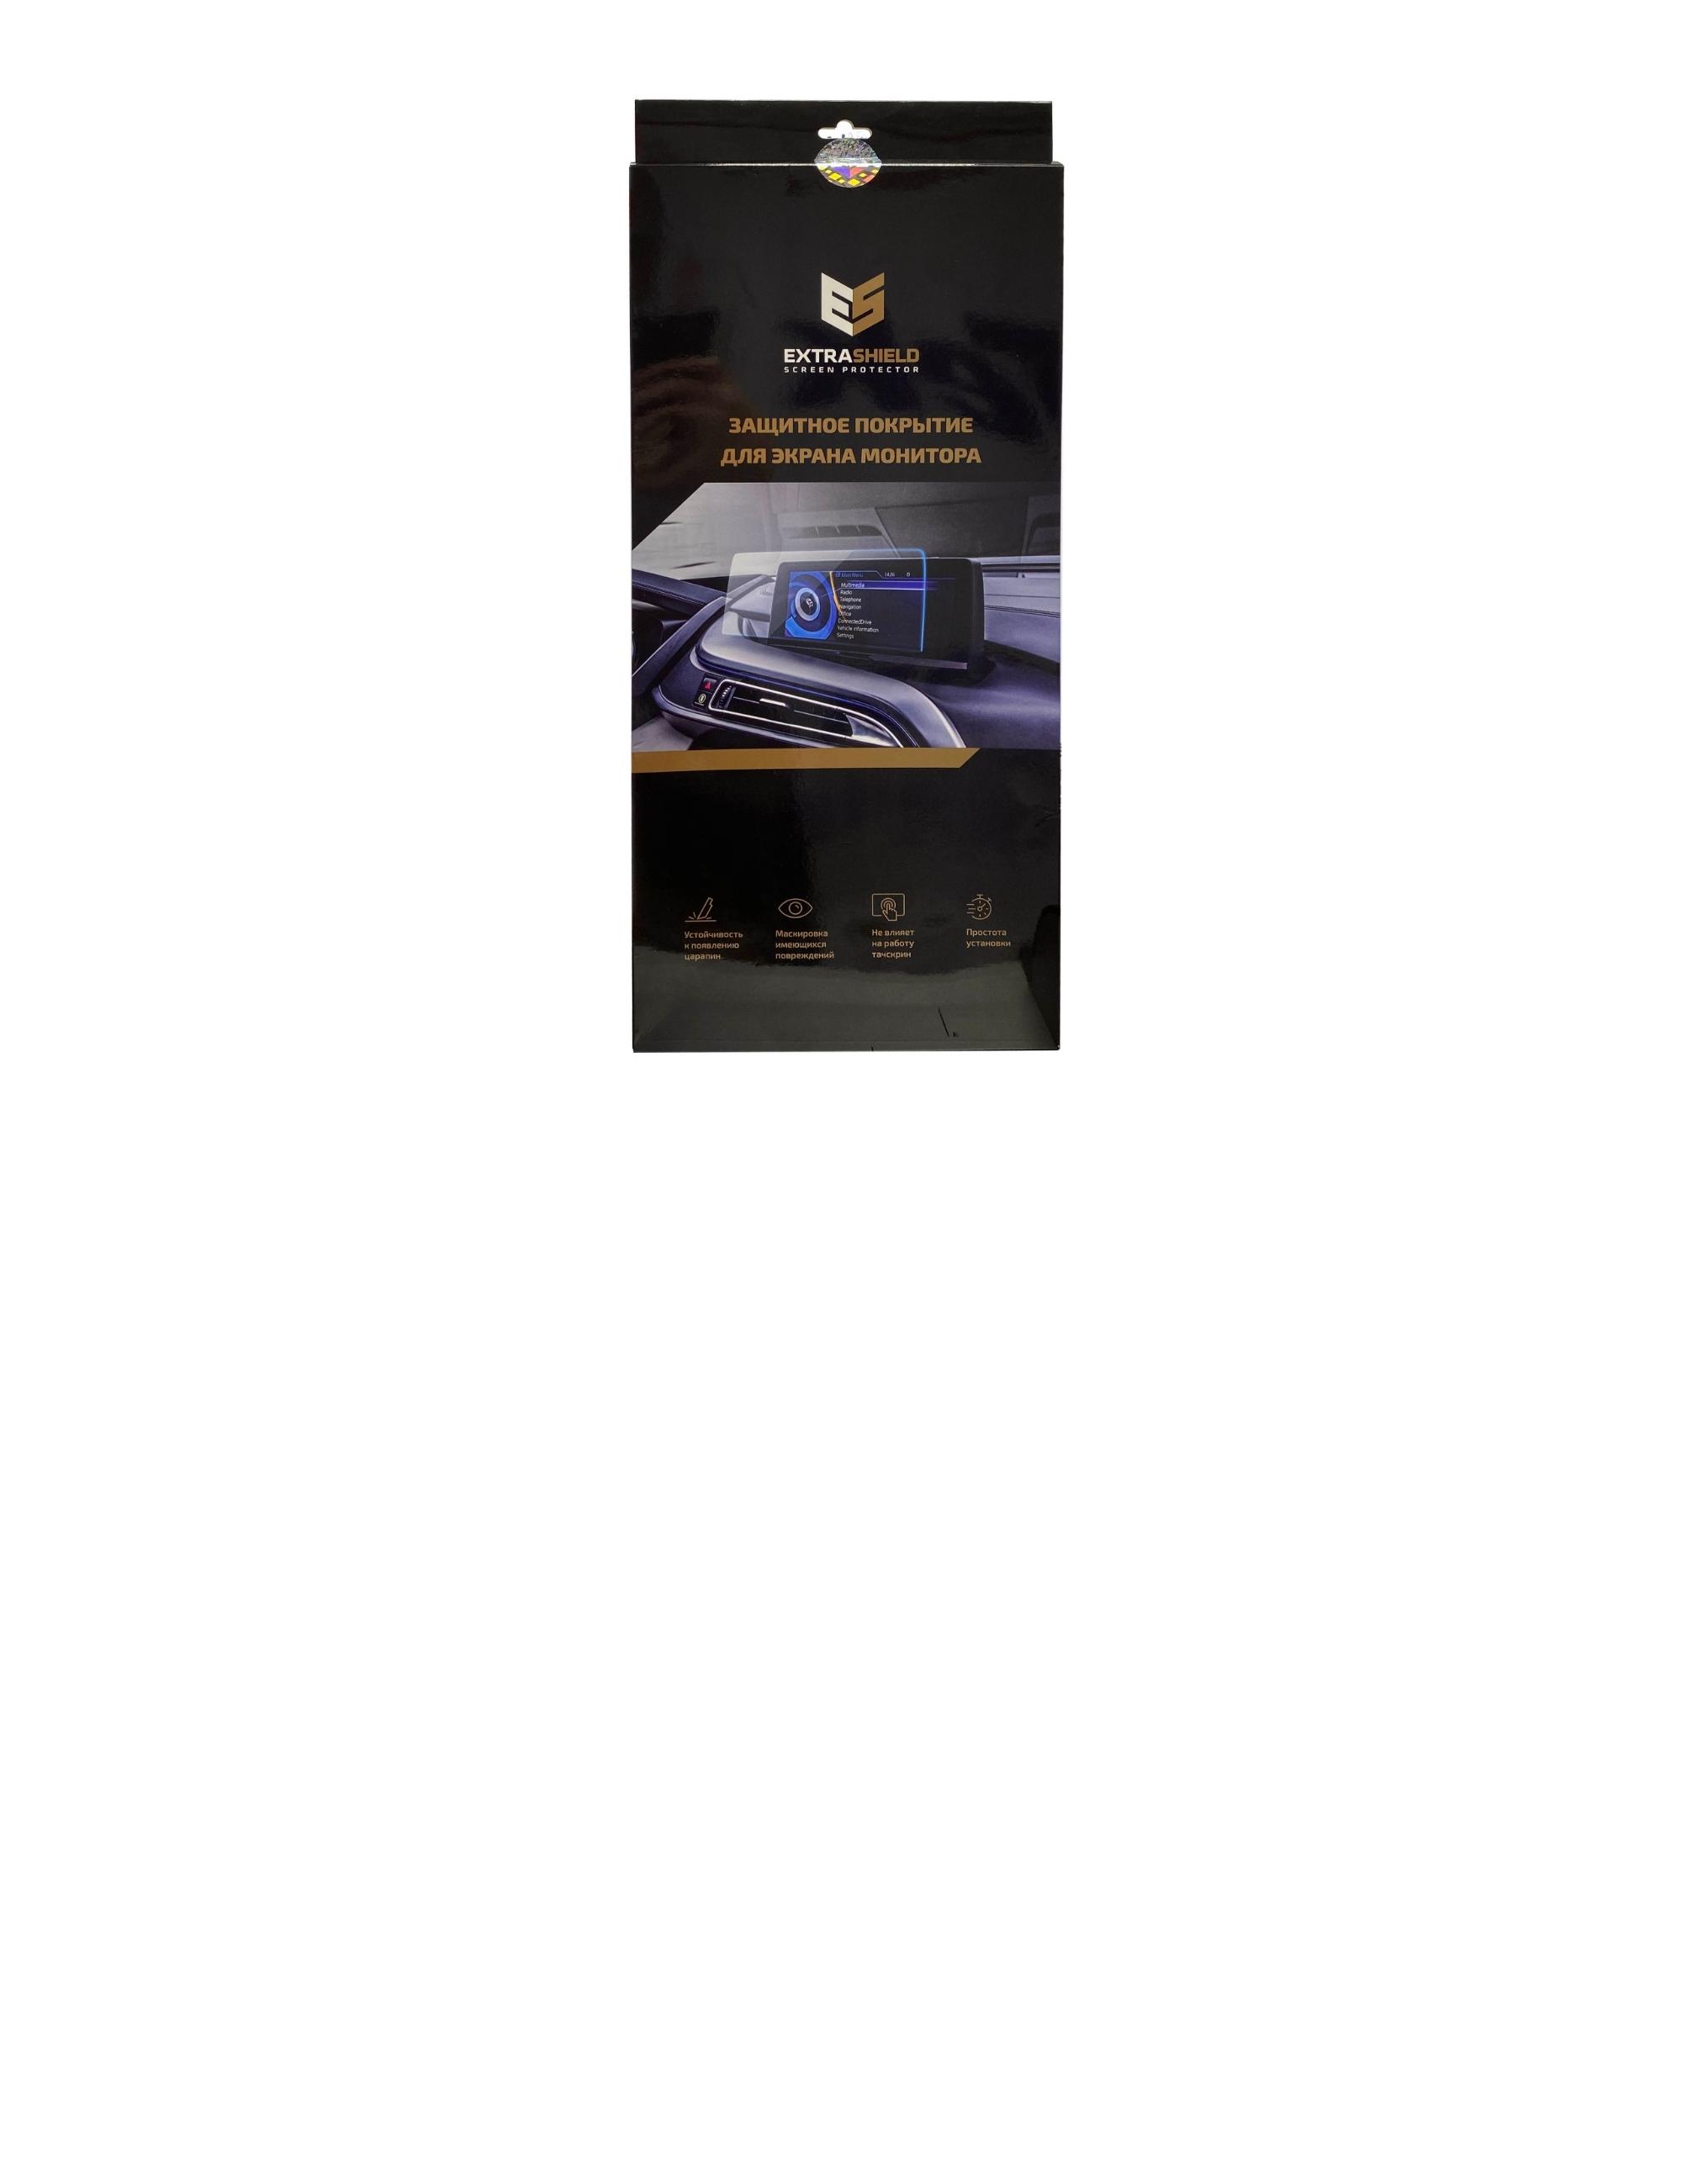 Audi A8 (D5) 2017 - н.в. приборная панель Audi Virtual Cockpit 12.3 Защитное стекло Глянец